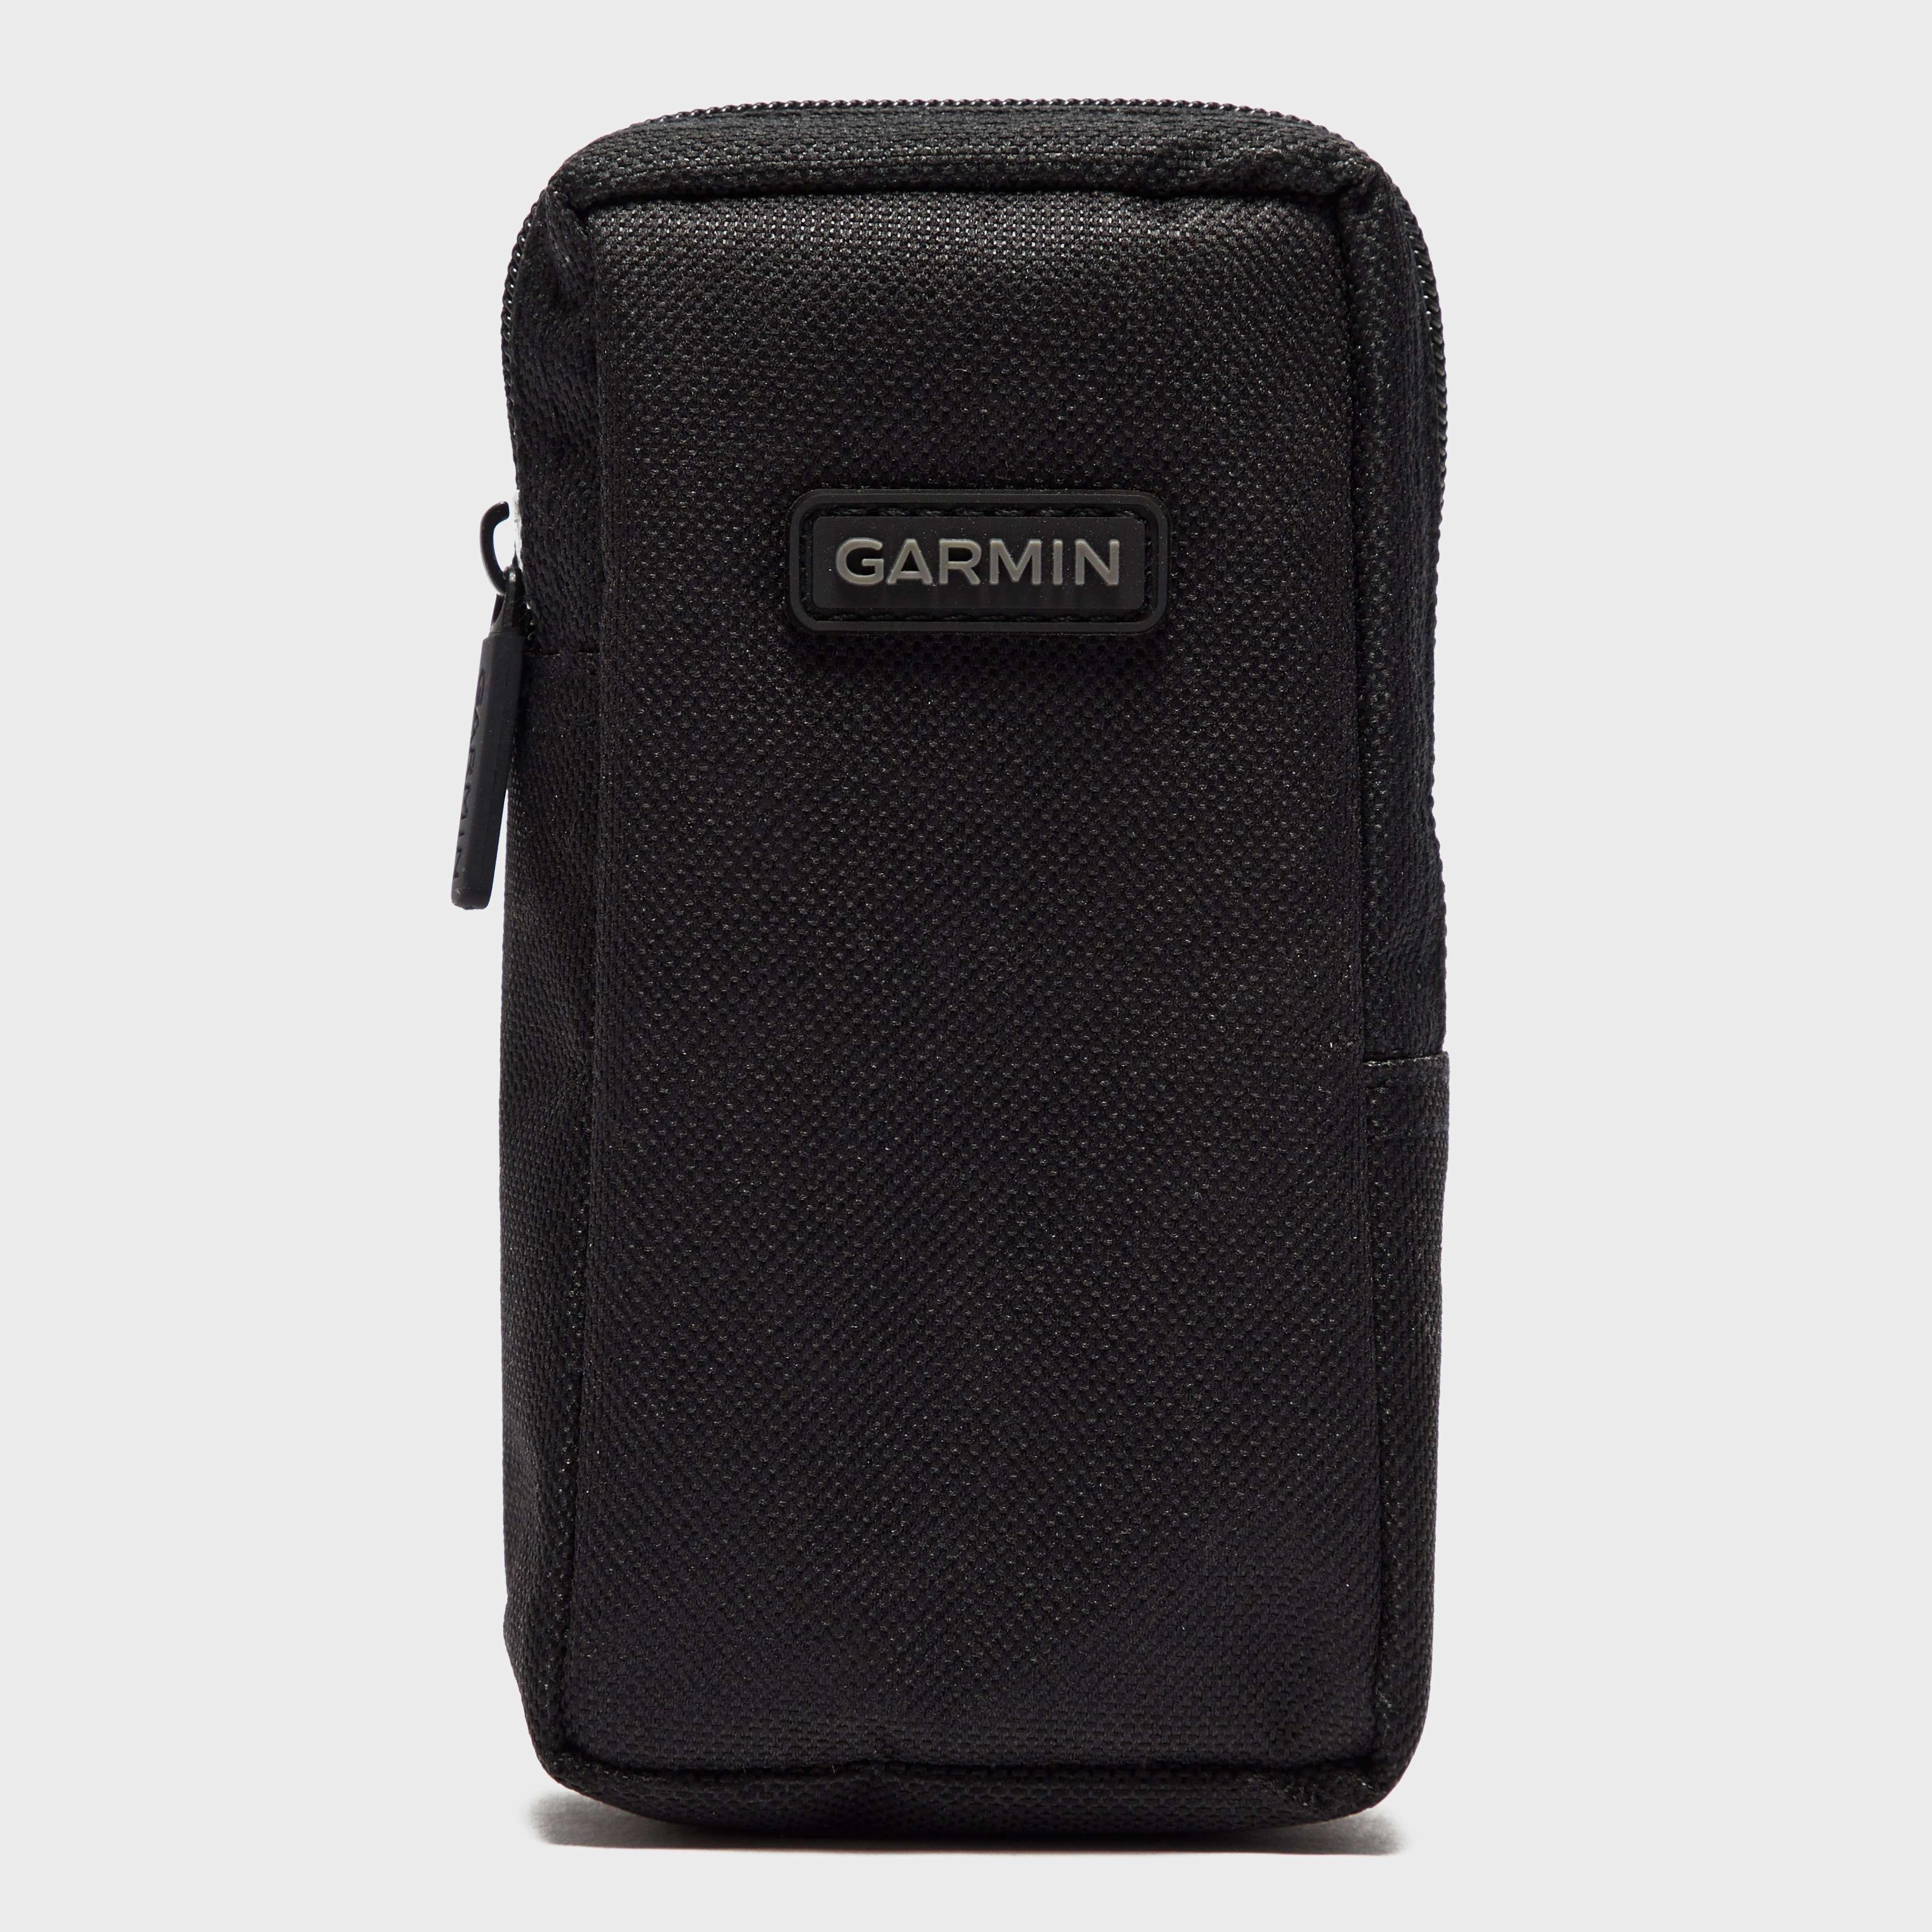 GARMIN Oregon Carrying Case